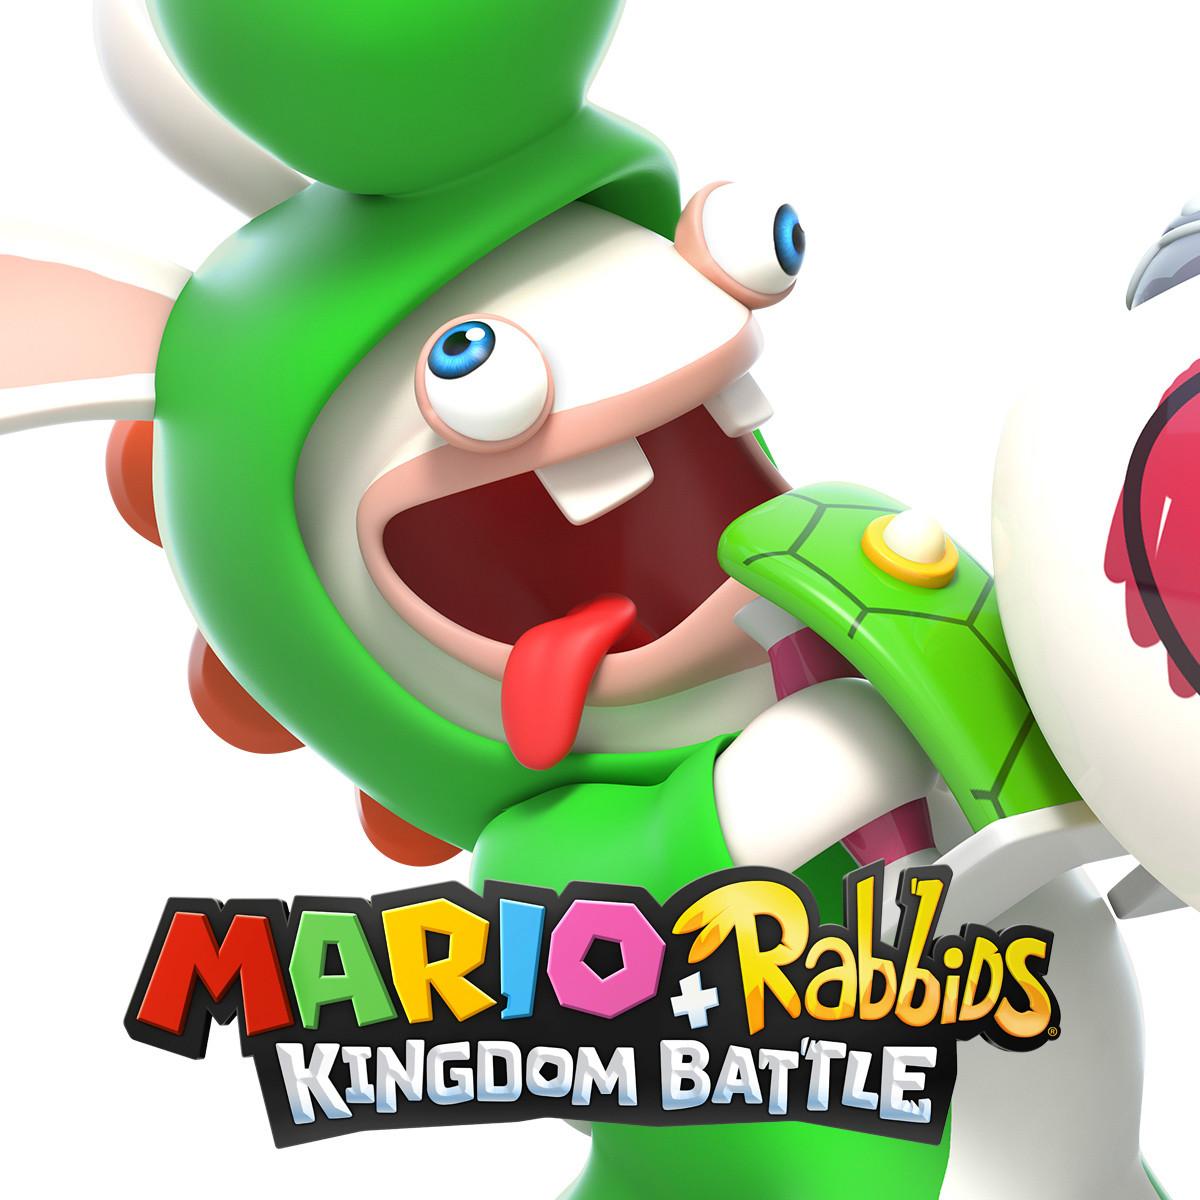 Mario+Rabbids Collectibles